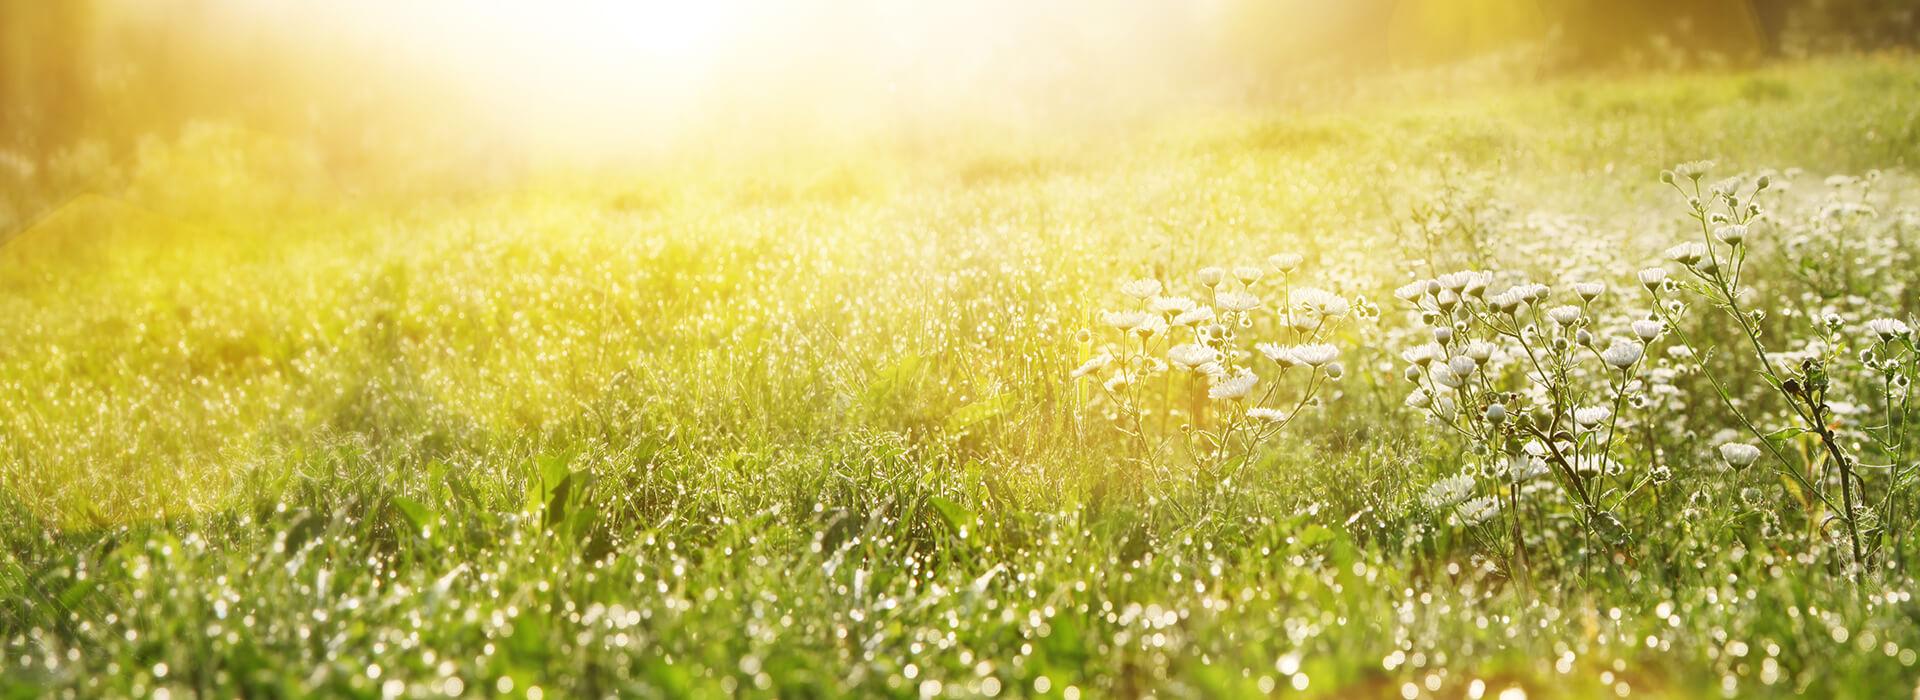 Blütenwiese mit Pollenflug